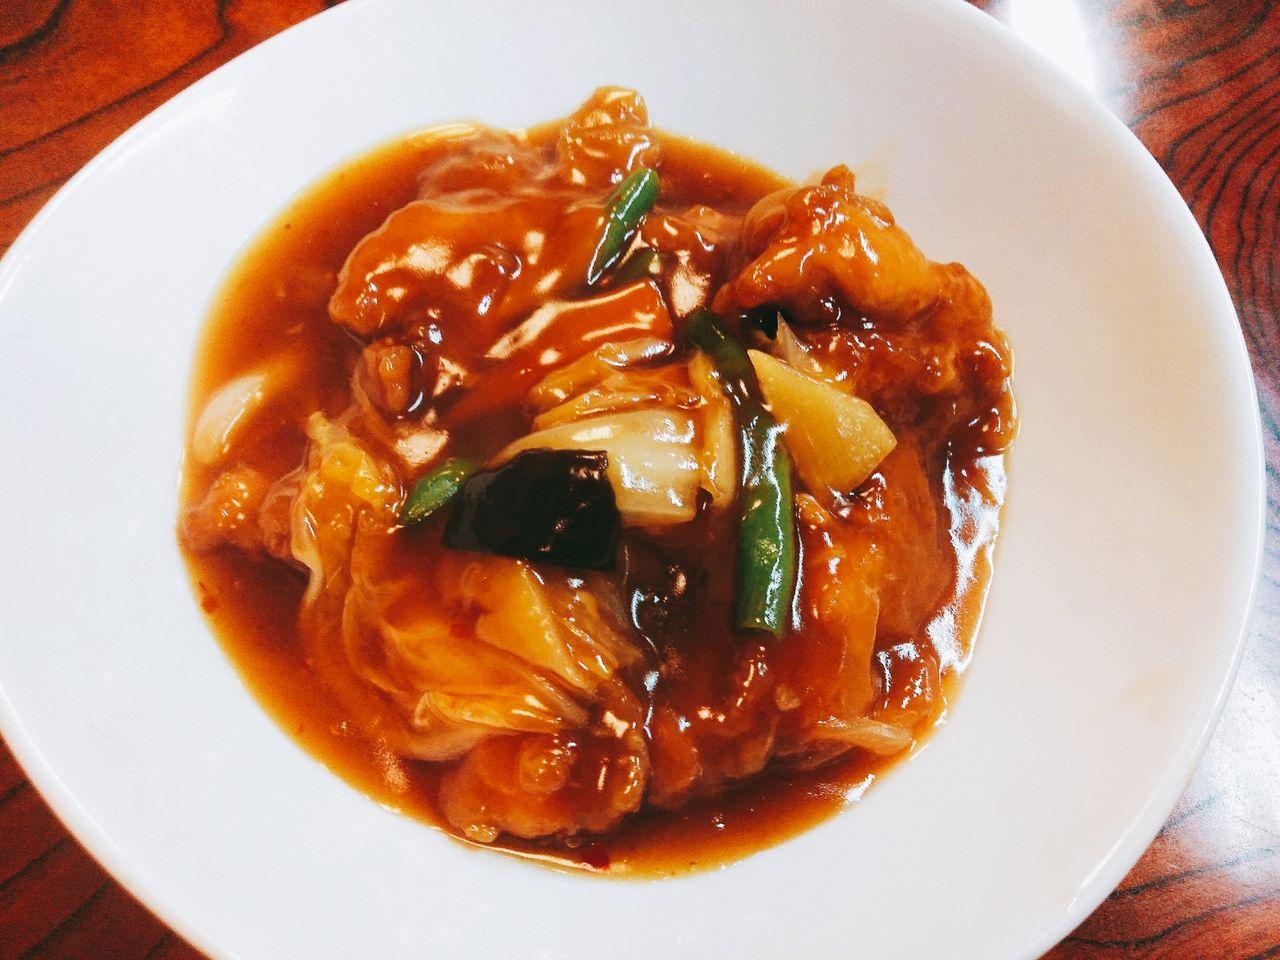 鶏肉野菜のうま煮、ラーメン